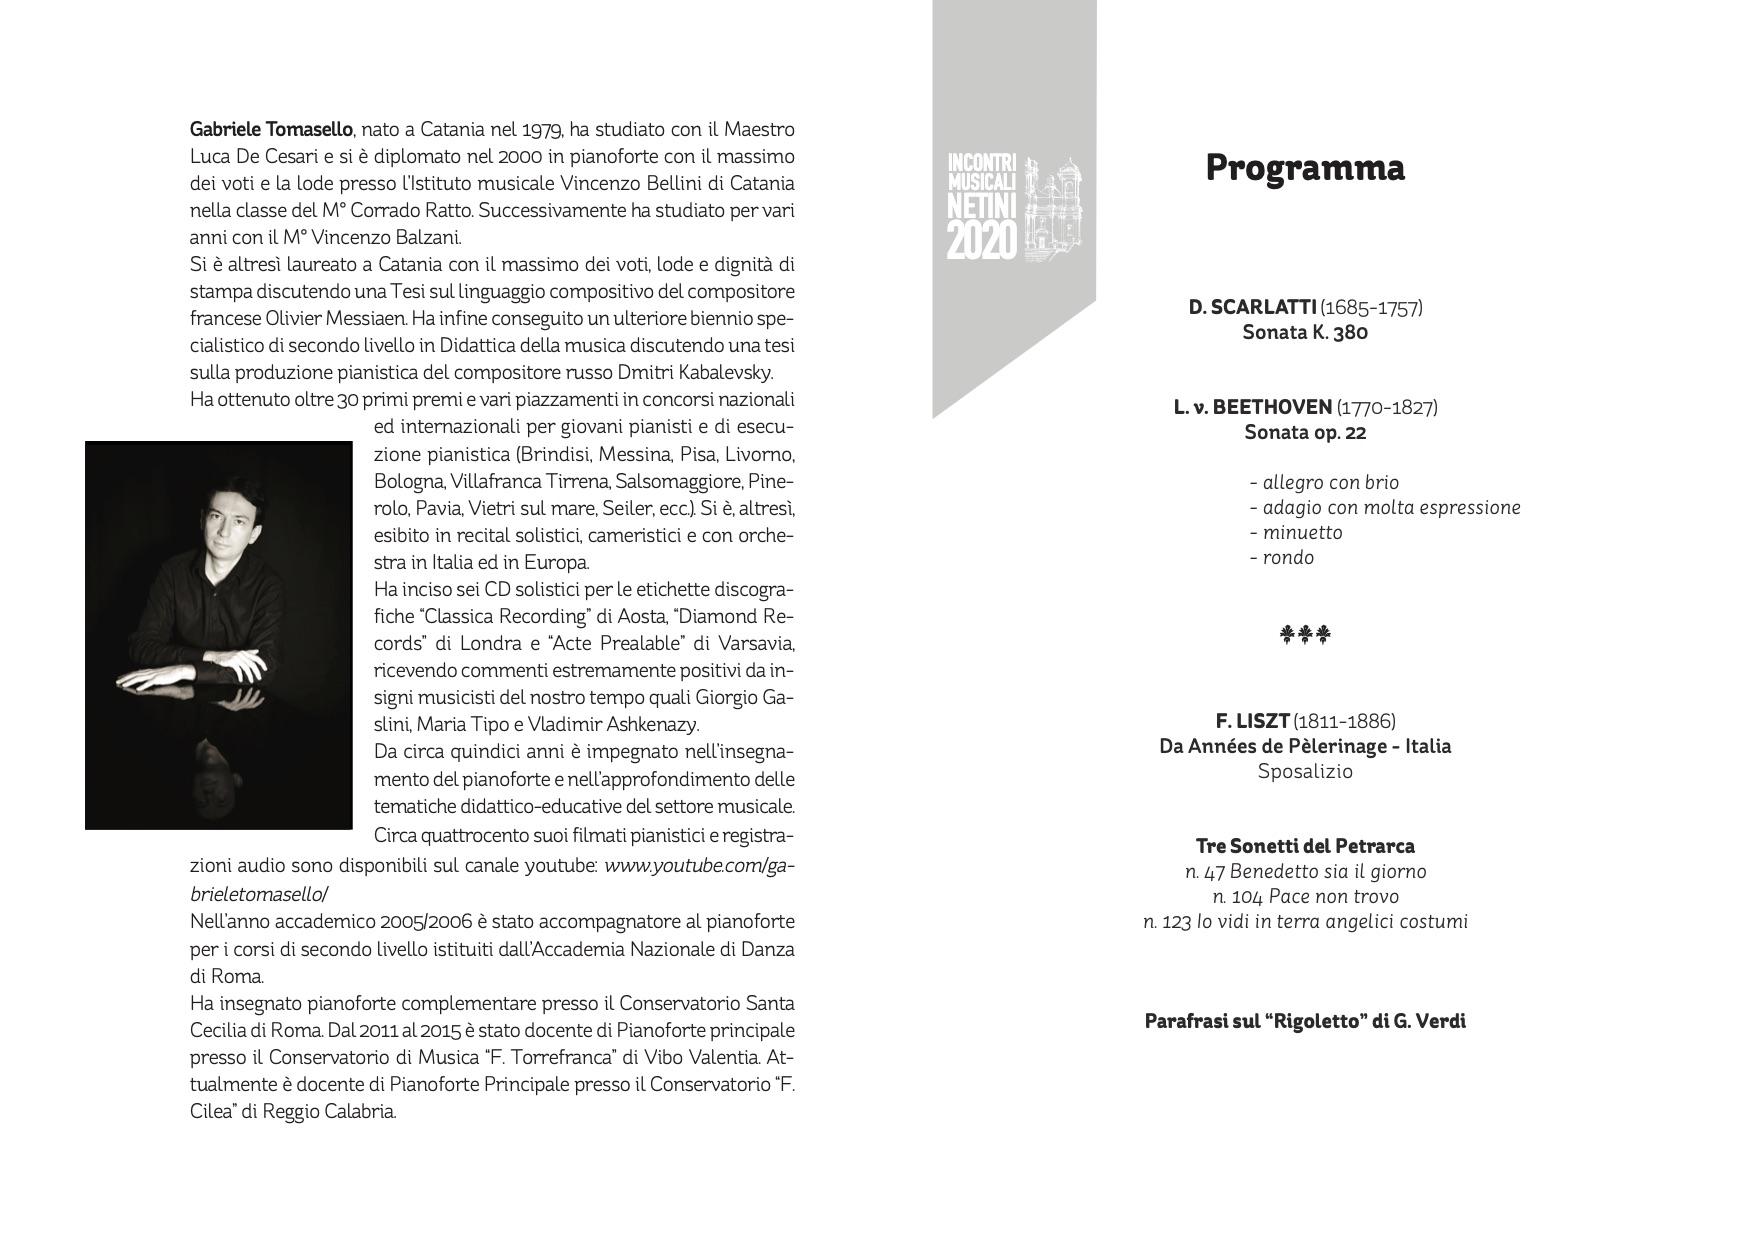 Gabriele-Tomasello-Pianoforte 1